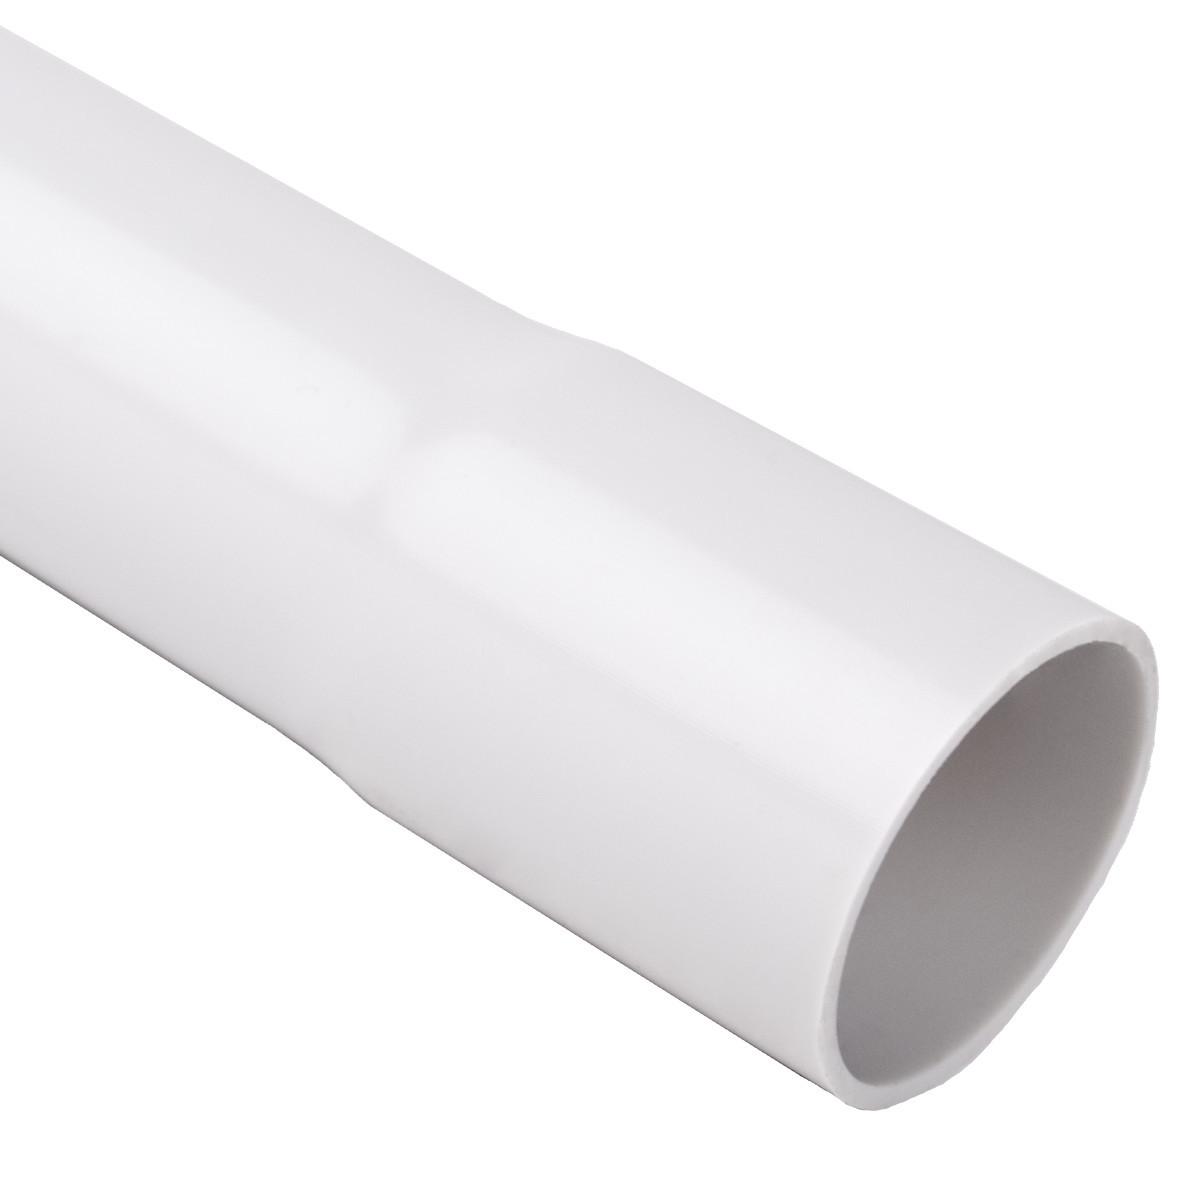 Труба жорстка 320 N/5см з раструбом для з'єднання; Ø40мм; полікарбонат; безгалогенна; t застосування -45-90 °с; світло-сіра; Упаковка 30 шт